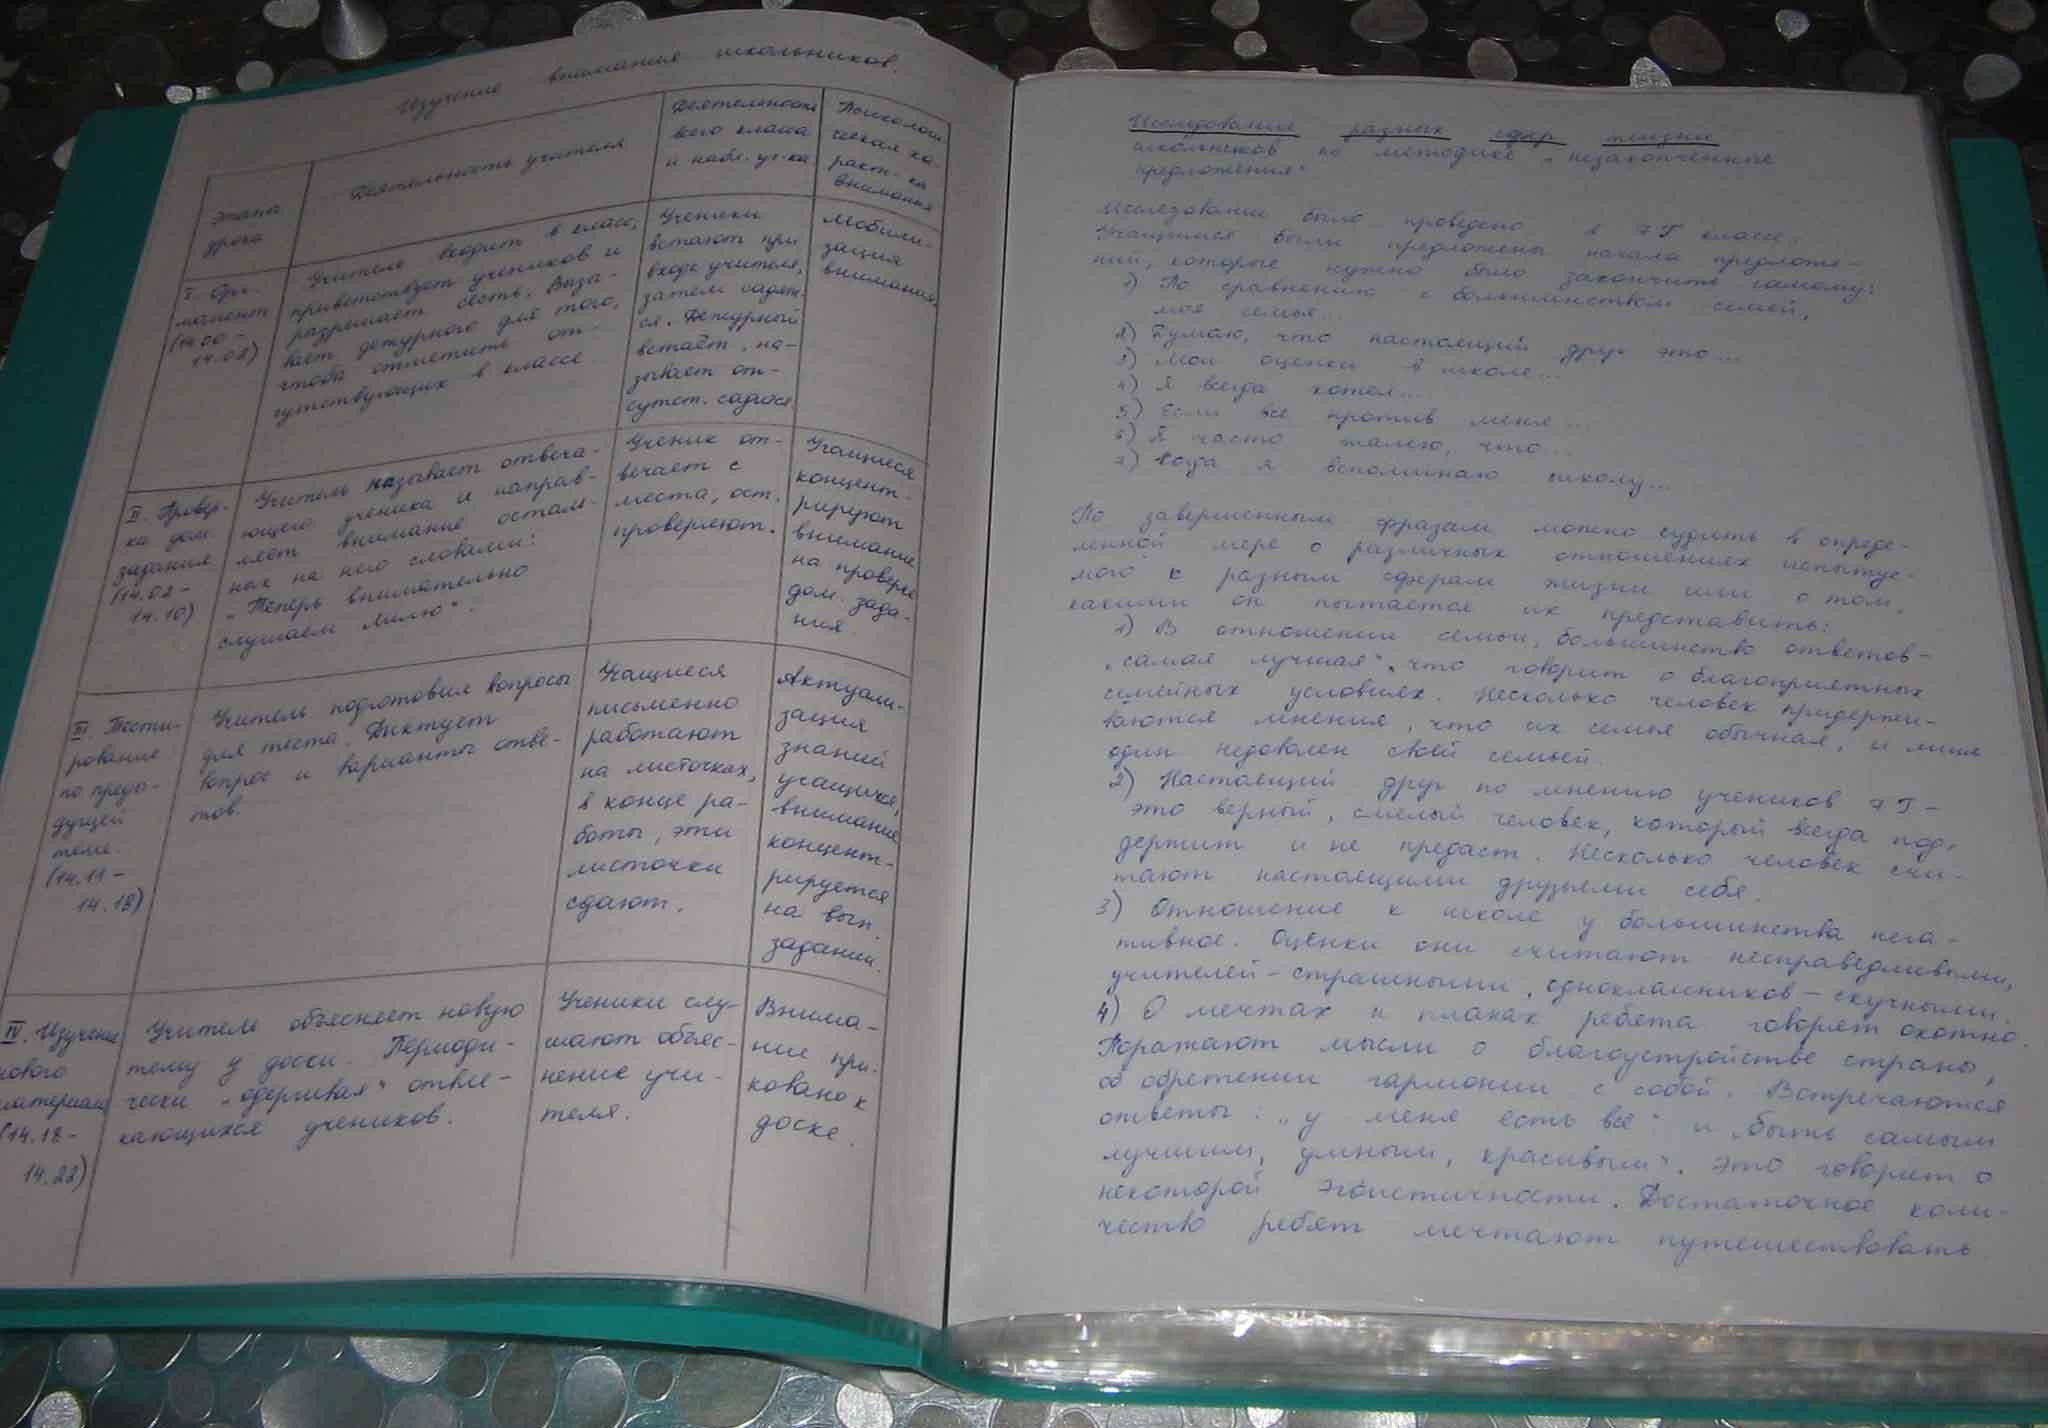 Дневник для отчета по производственной практике дизайн